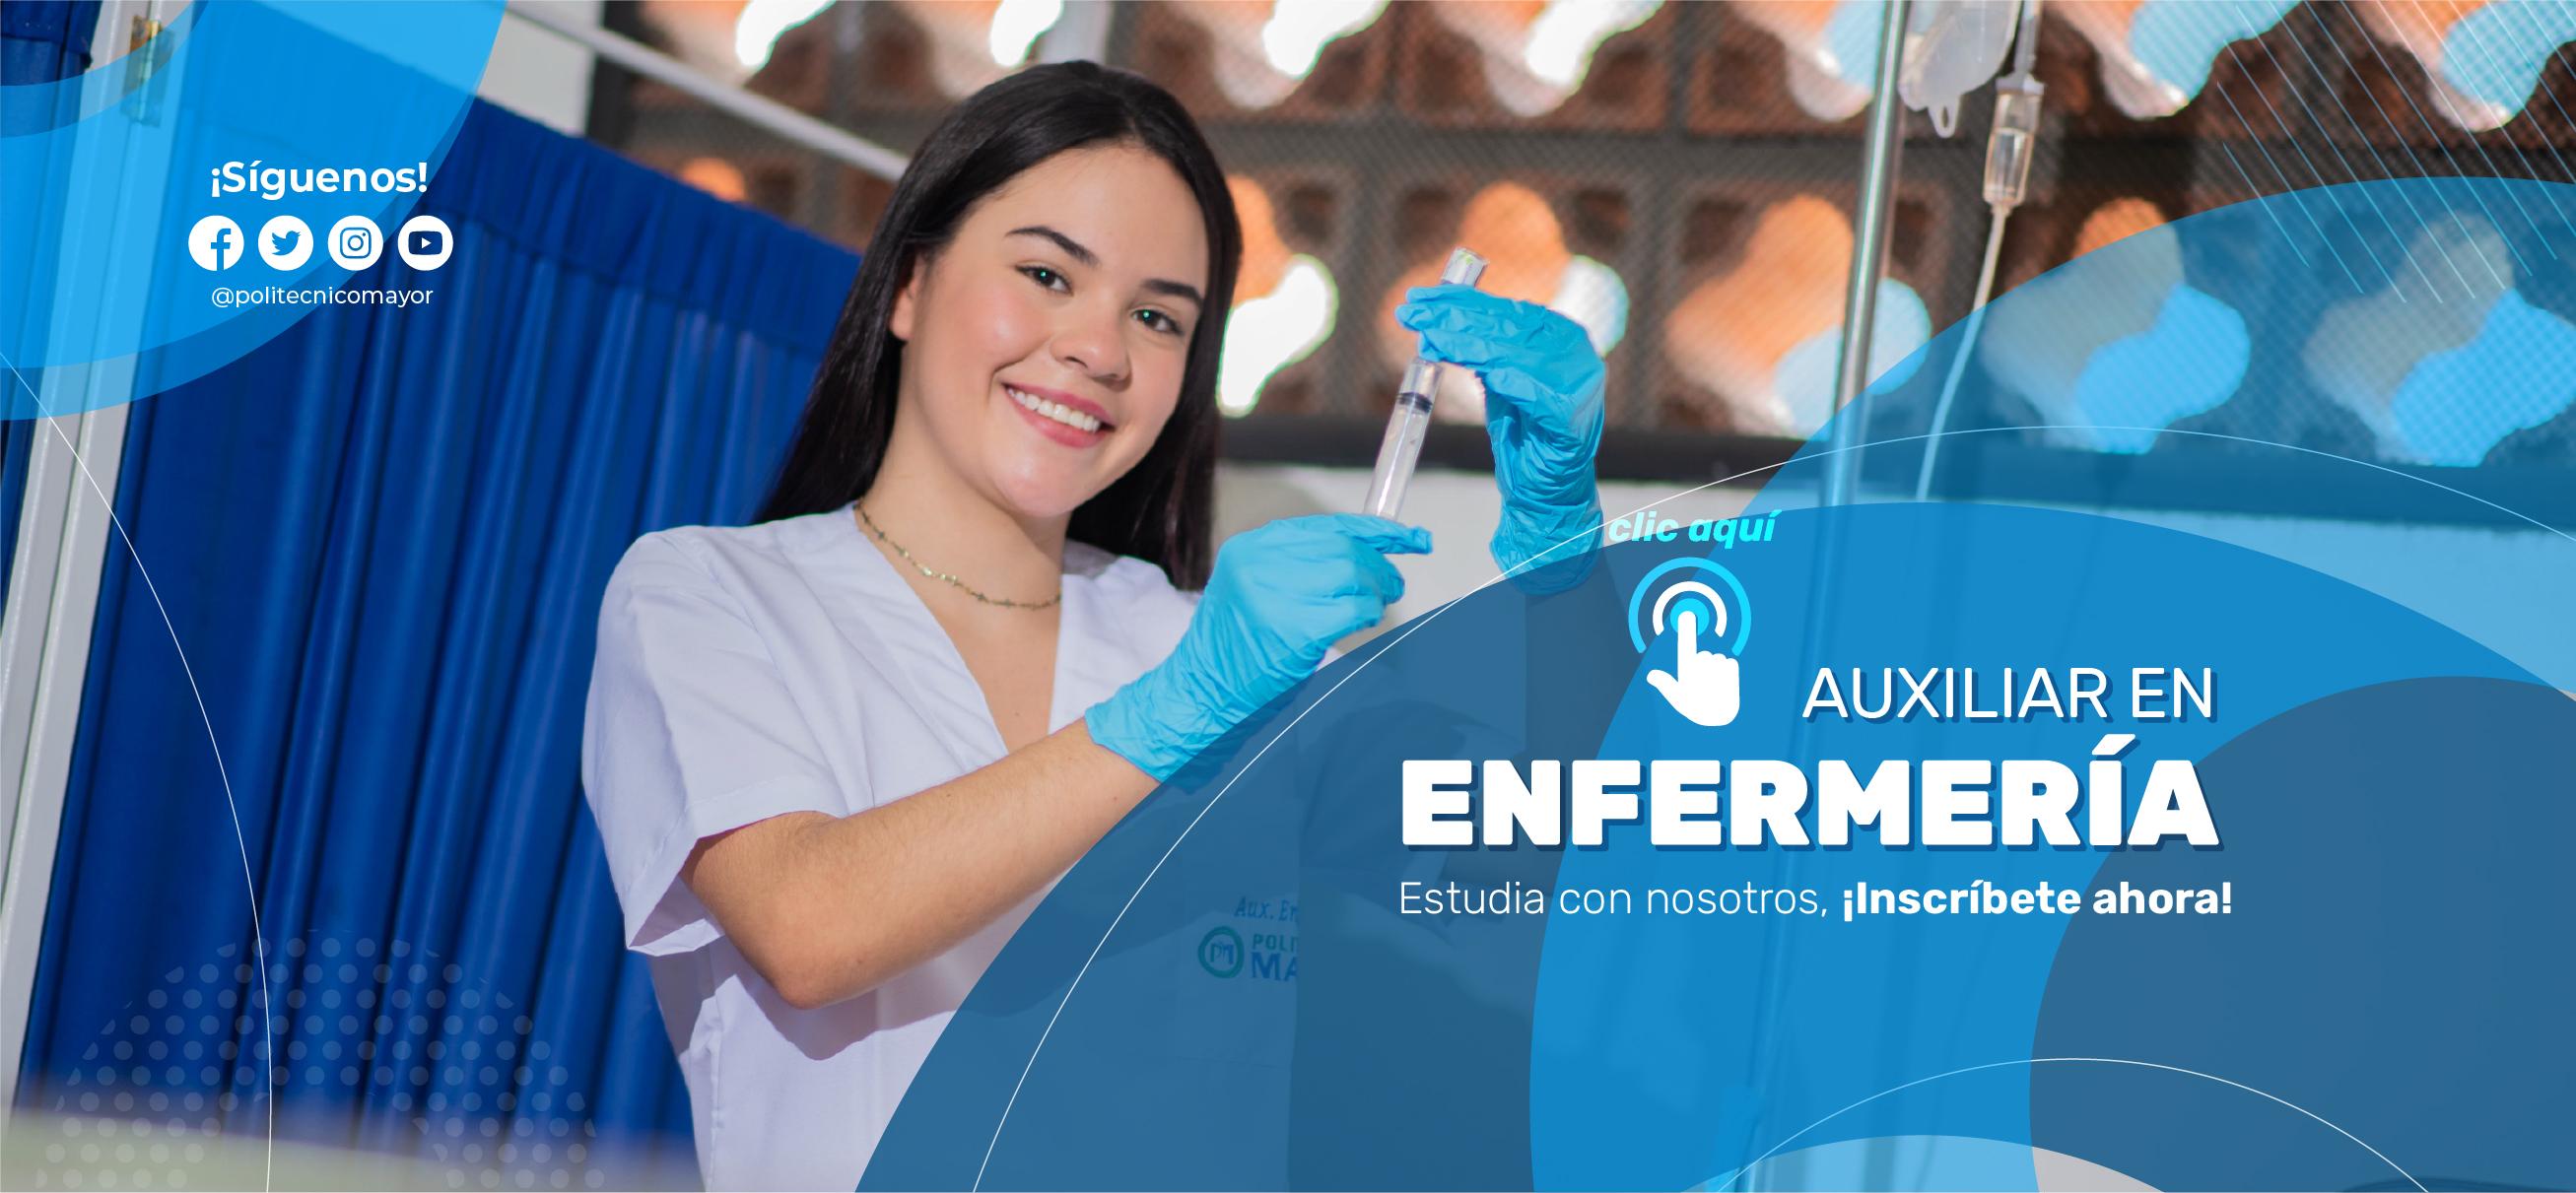 Enfermera_2021